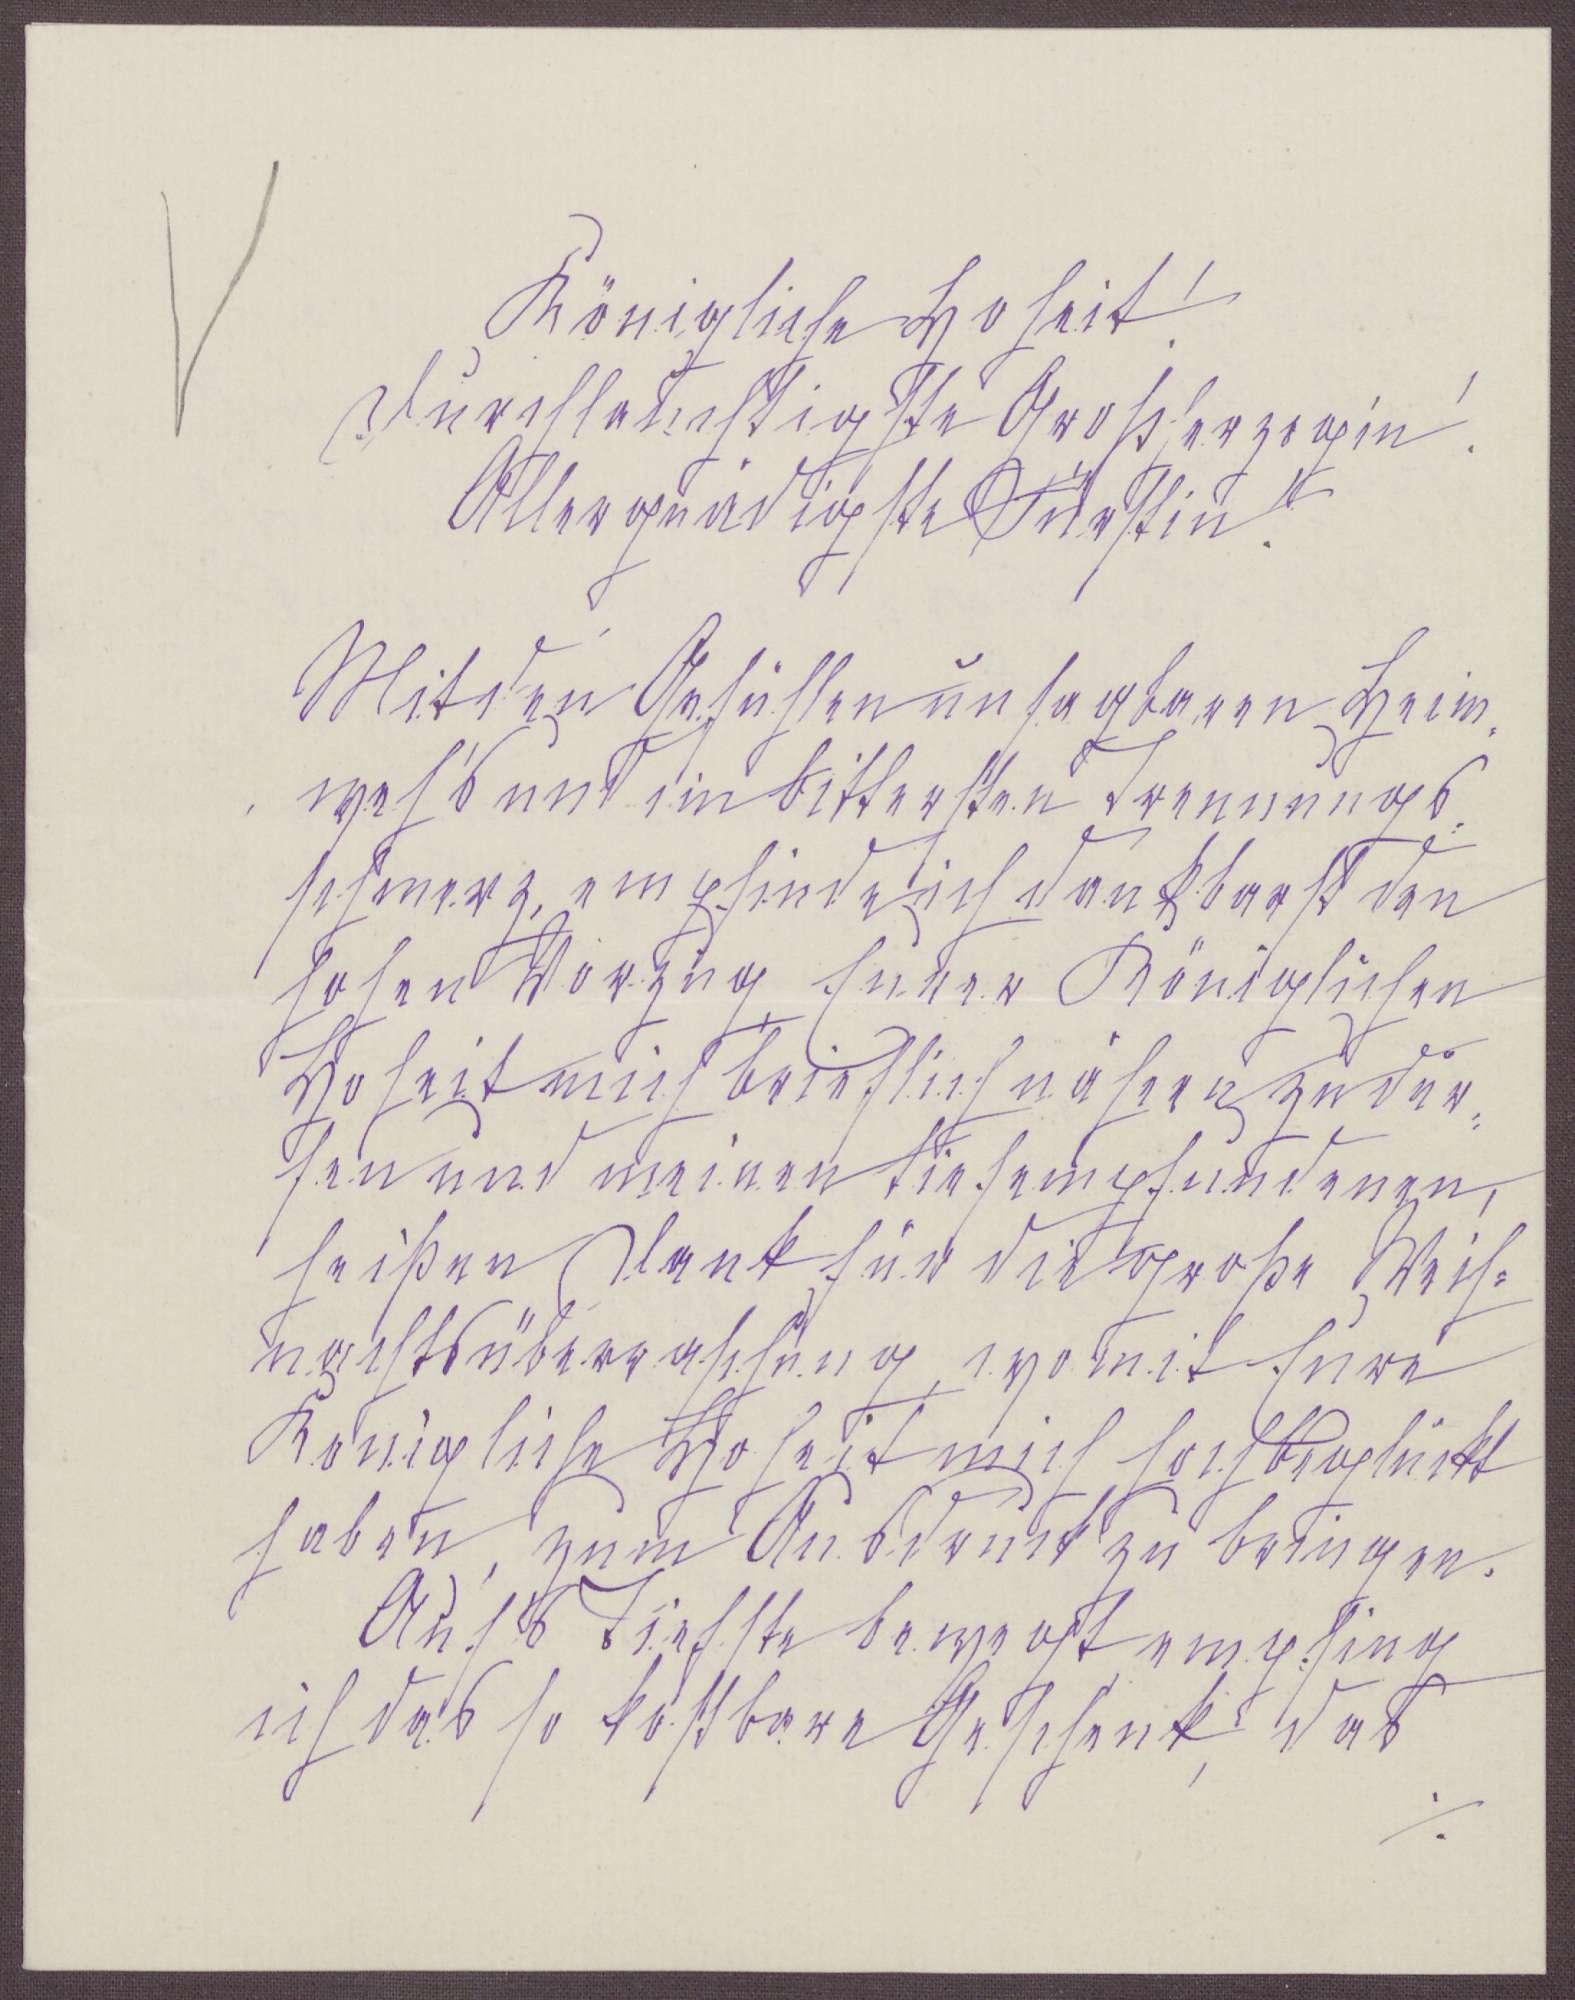 Schreiben von Anna Haas an die Großherzogin Luise; Dank für das Weihnachtsgeschenk und Hoffen auf eine baldige Gesundung der Großherzogin, Bild 1